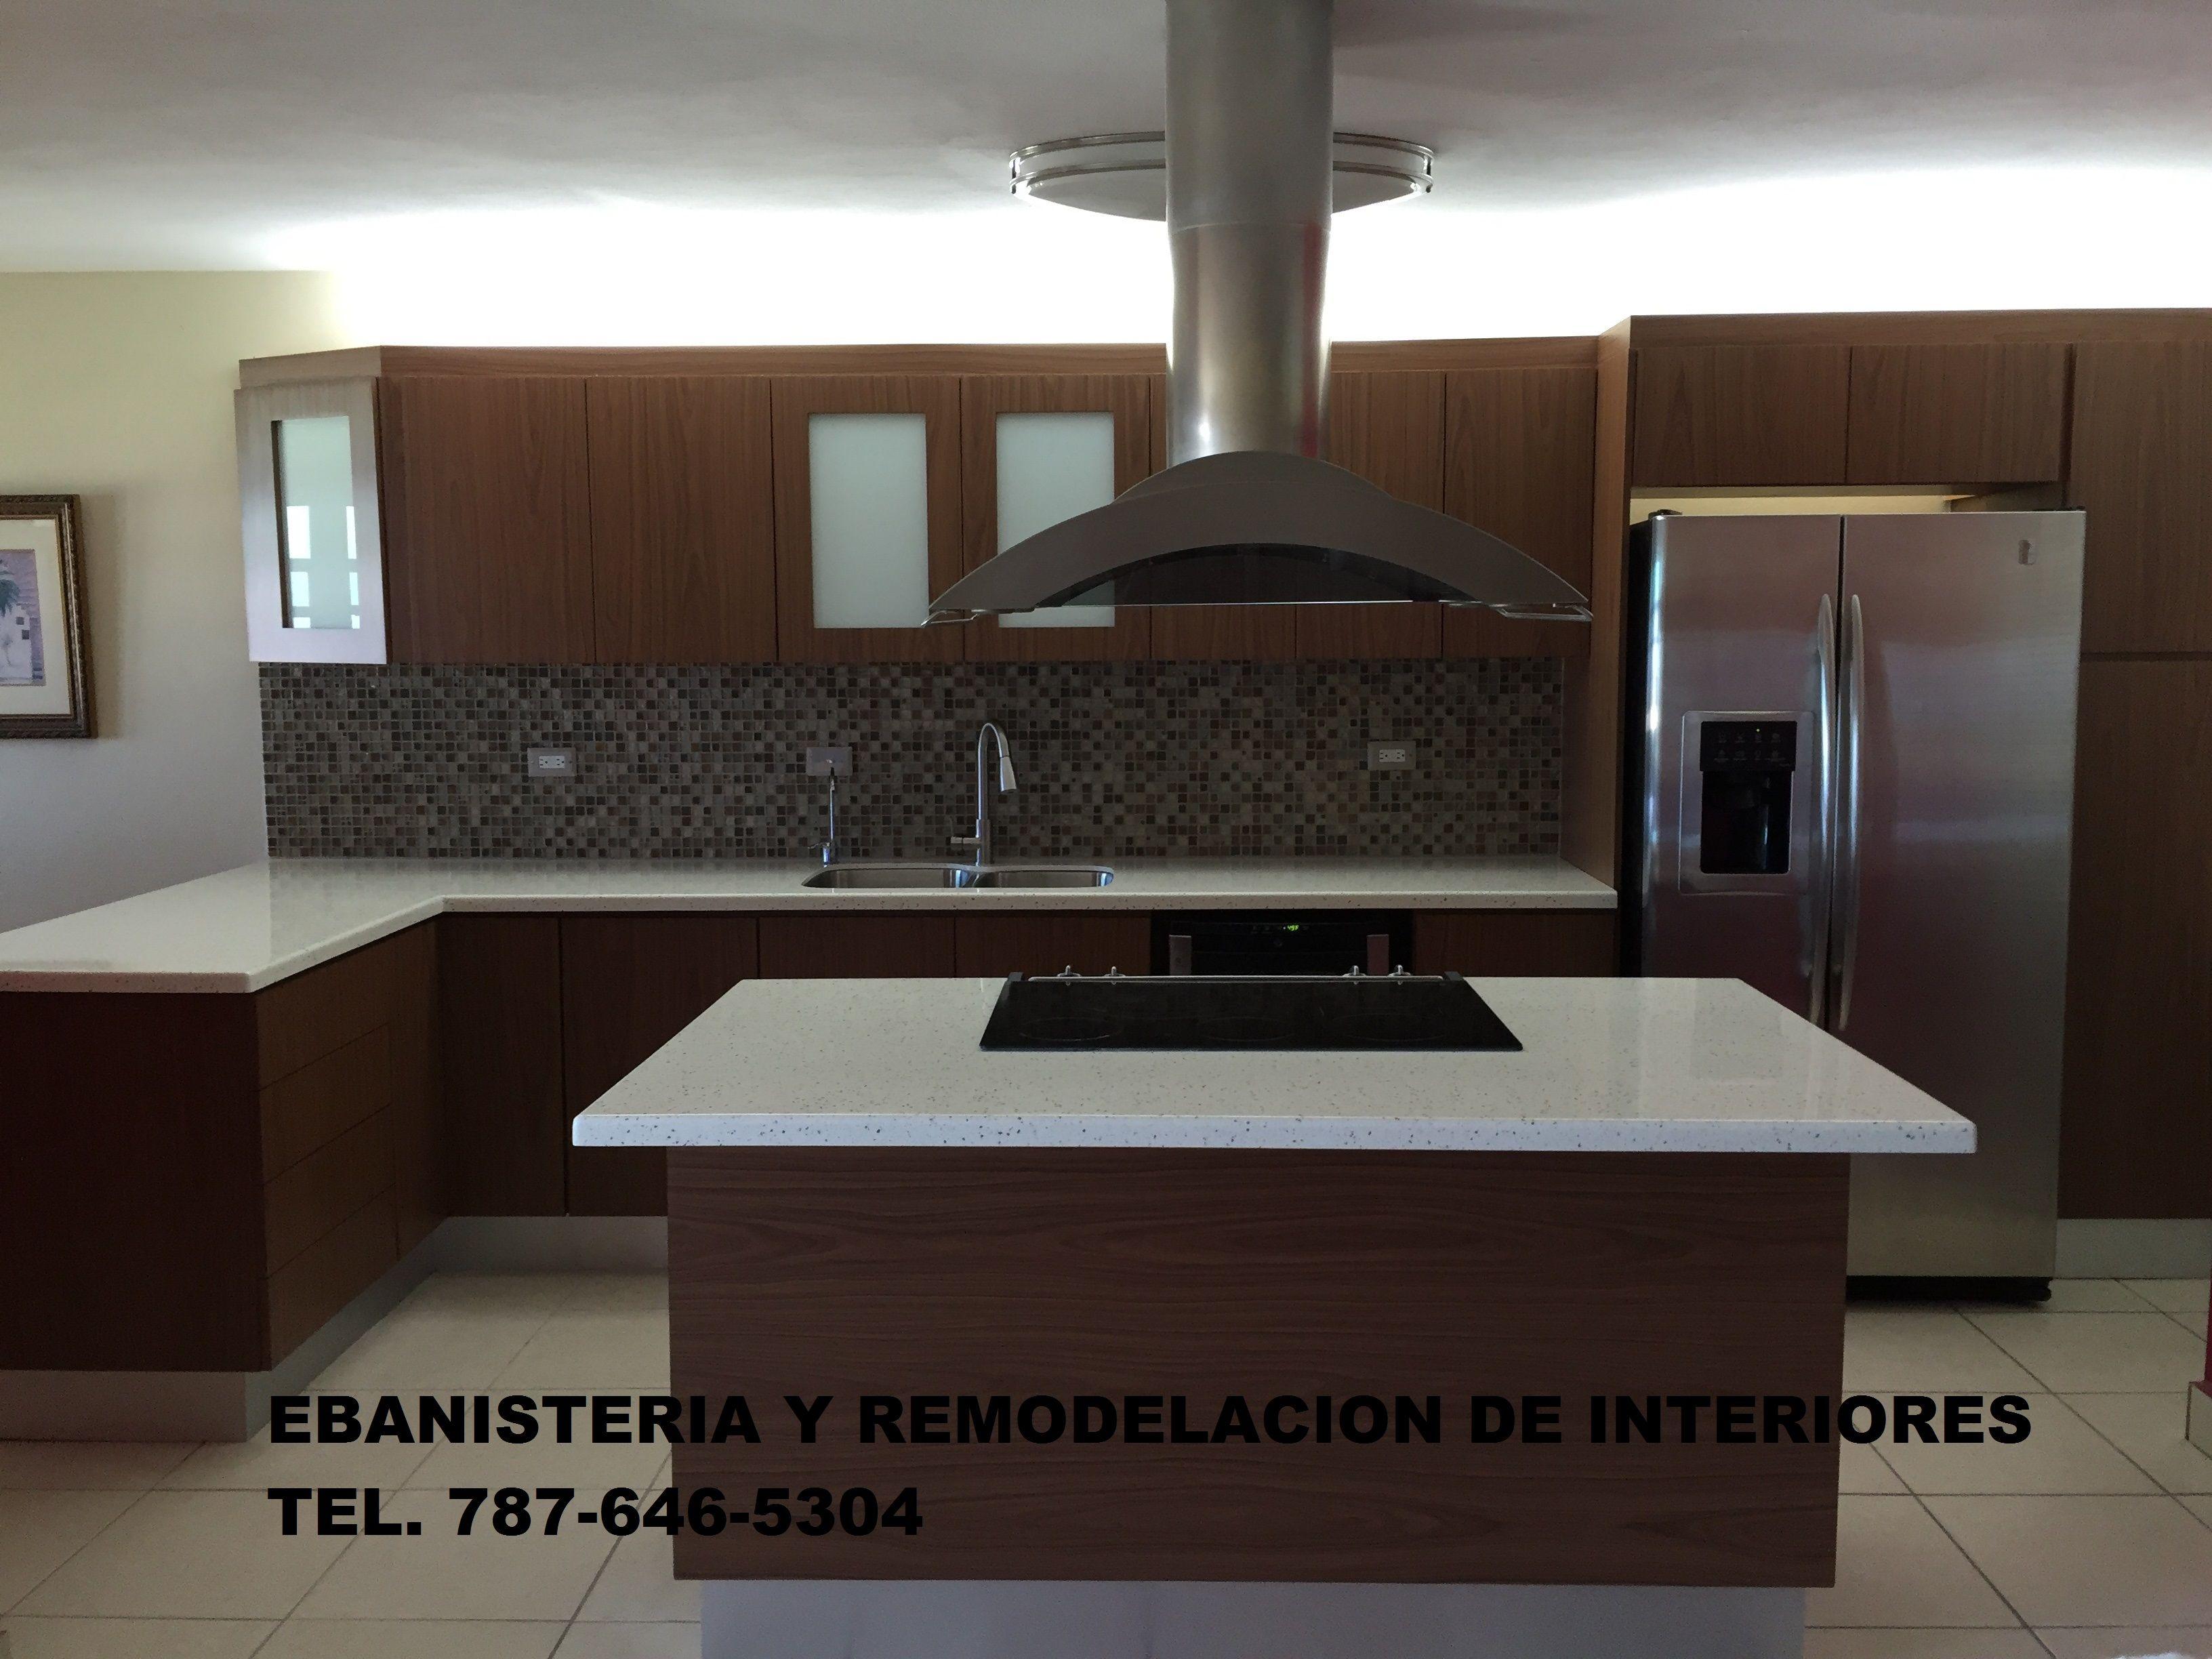 Contratista registrado daco gabinetes de cocina y ba os a for Remodelacion de cocinas pequenas